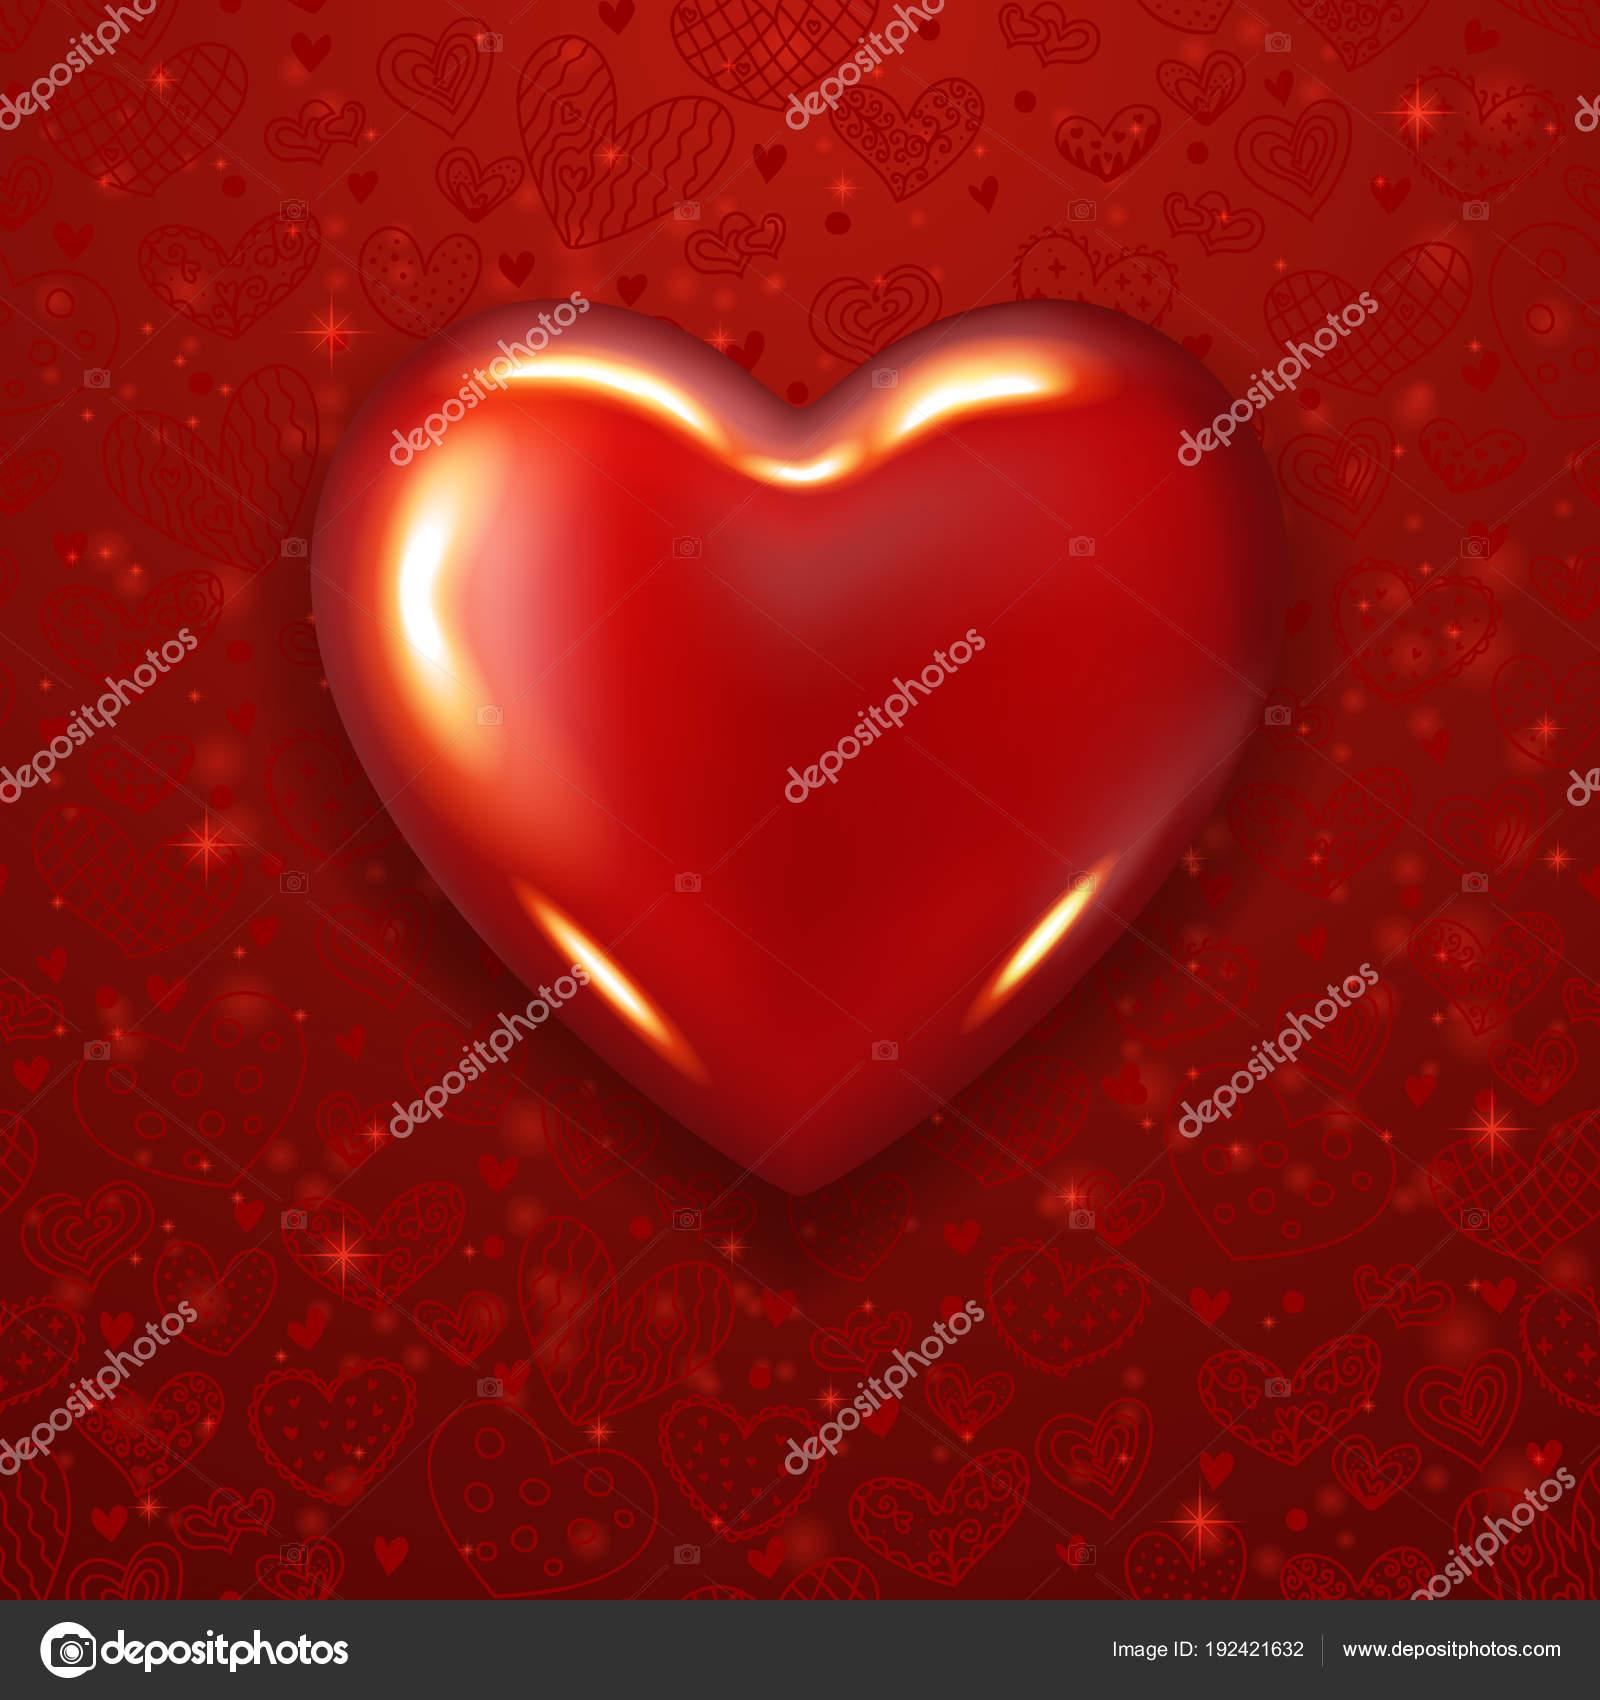 Realistic Heart Valentinea Day Heart Stock Vector Alionamanakova